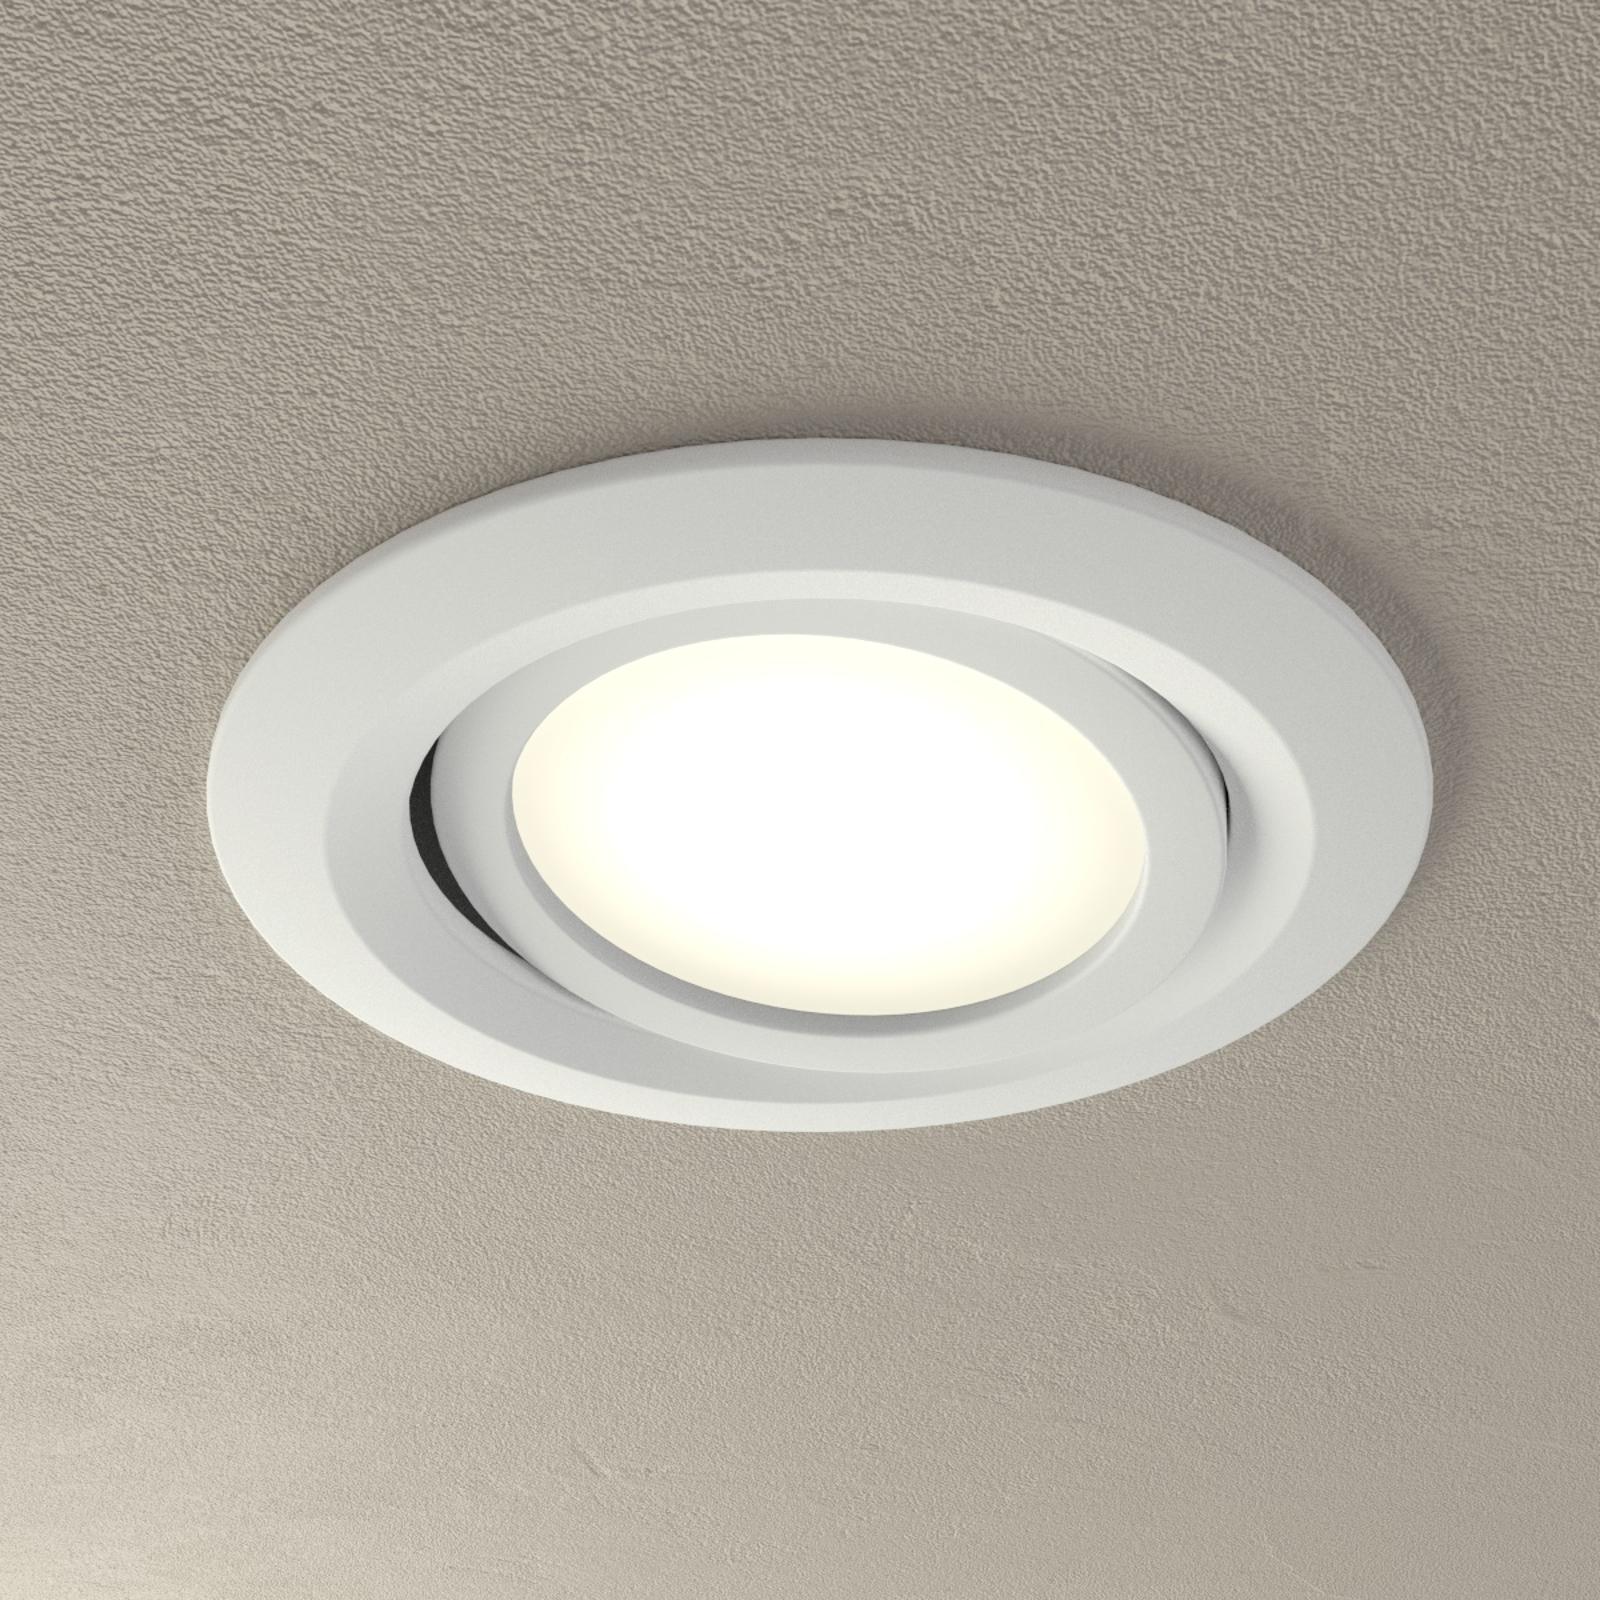 LED-Inbyggnadslampan Coin Slim IP23, set om 1, vit